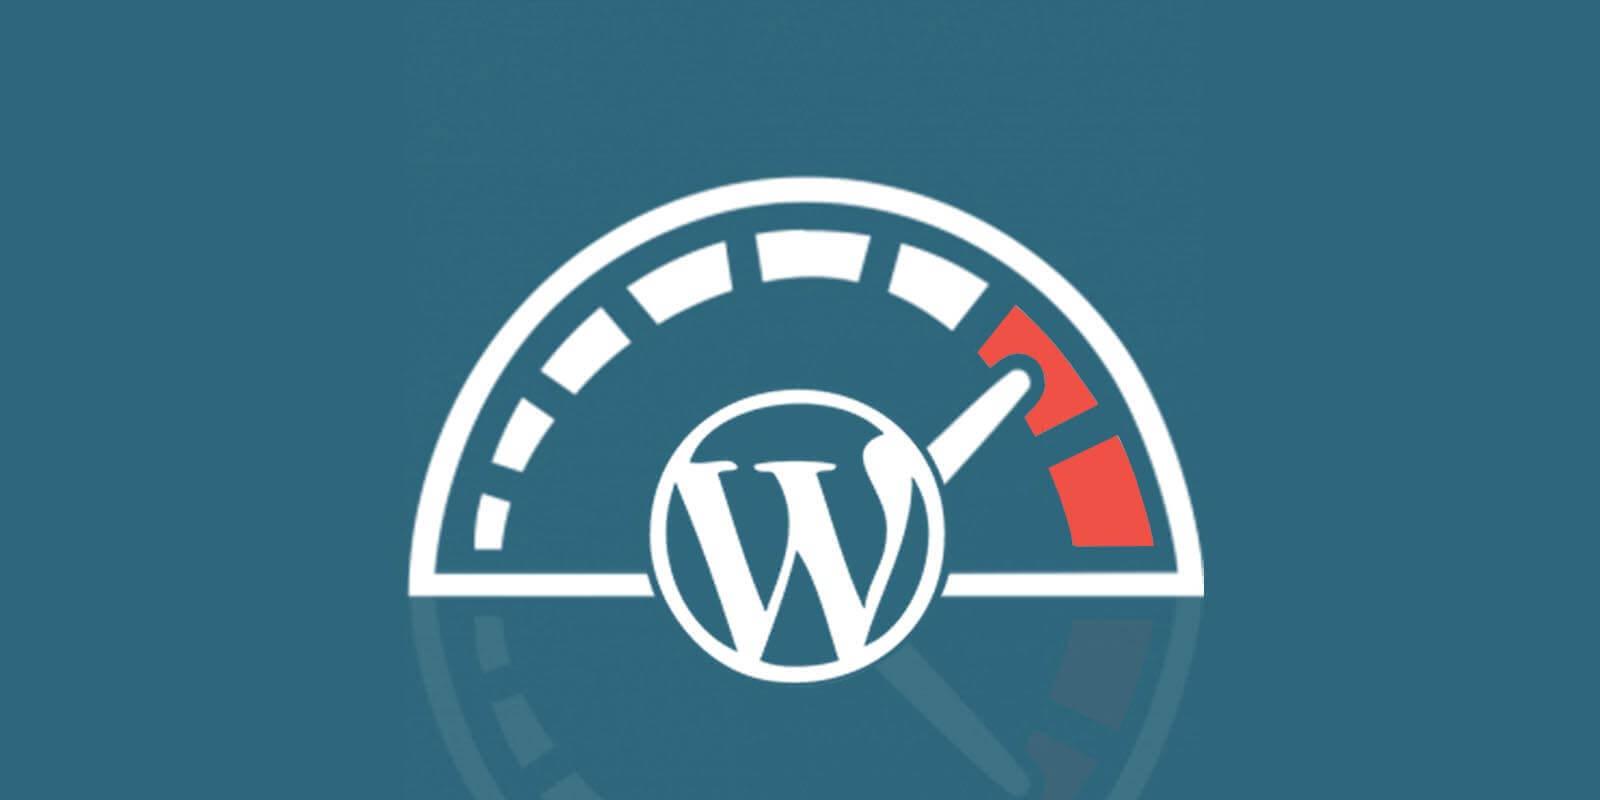 راههای افزایش سرعت در سایتهای وردپرسی